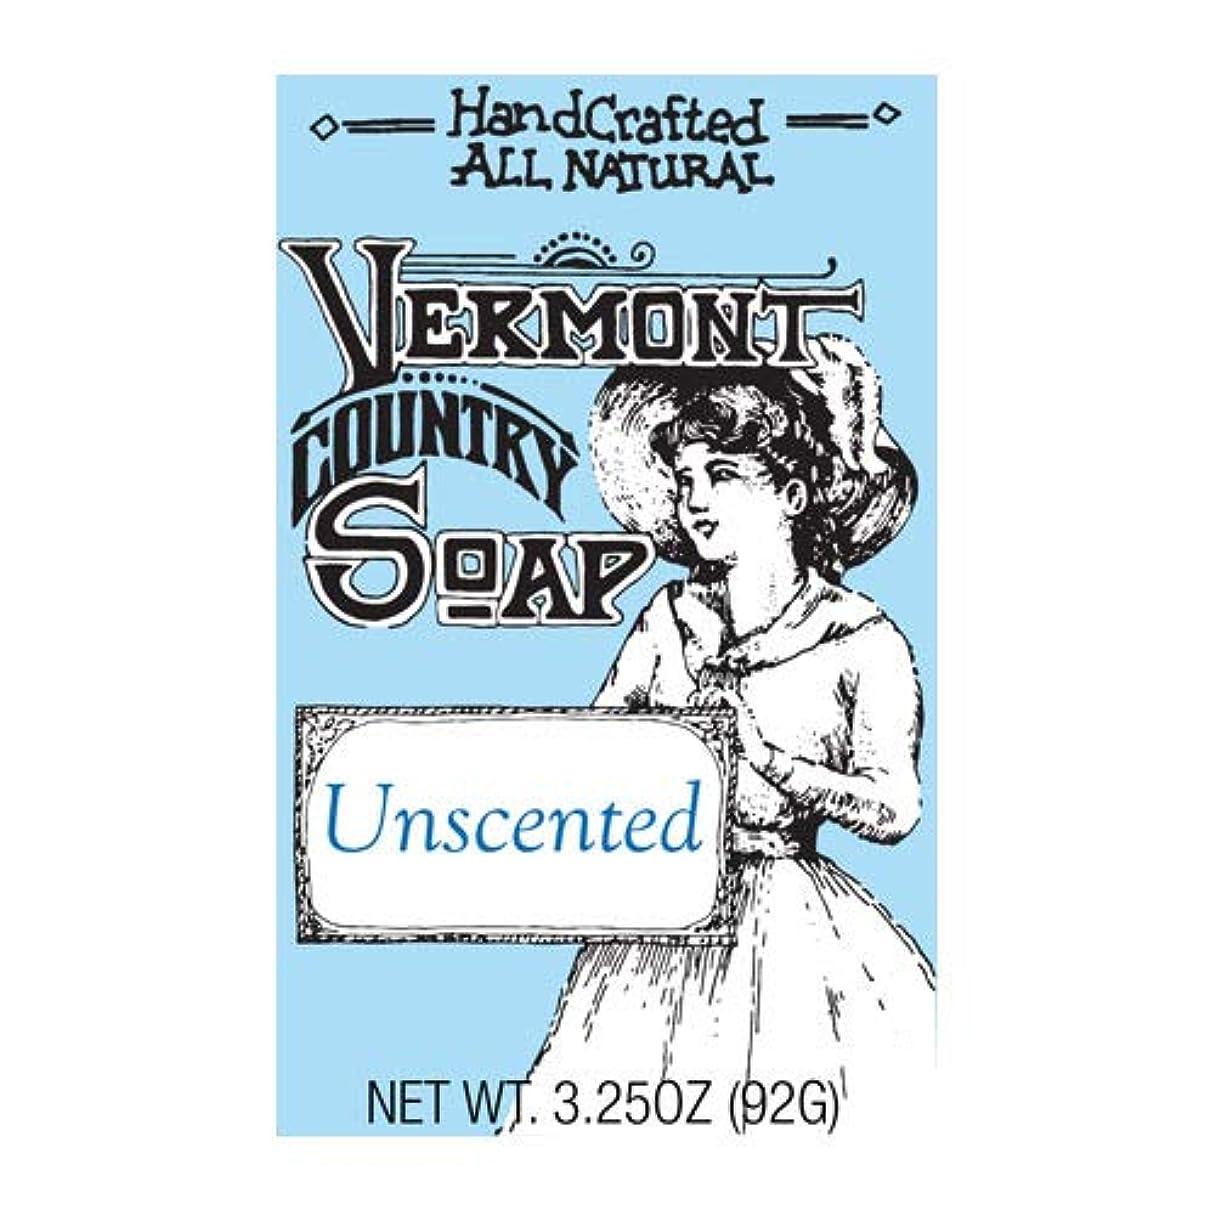 反動潜在的な純正VermontSoap バーモントカントリーソープ 6種類 (無香料) 92g オーガニック石けん 洗顔 ボディー